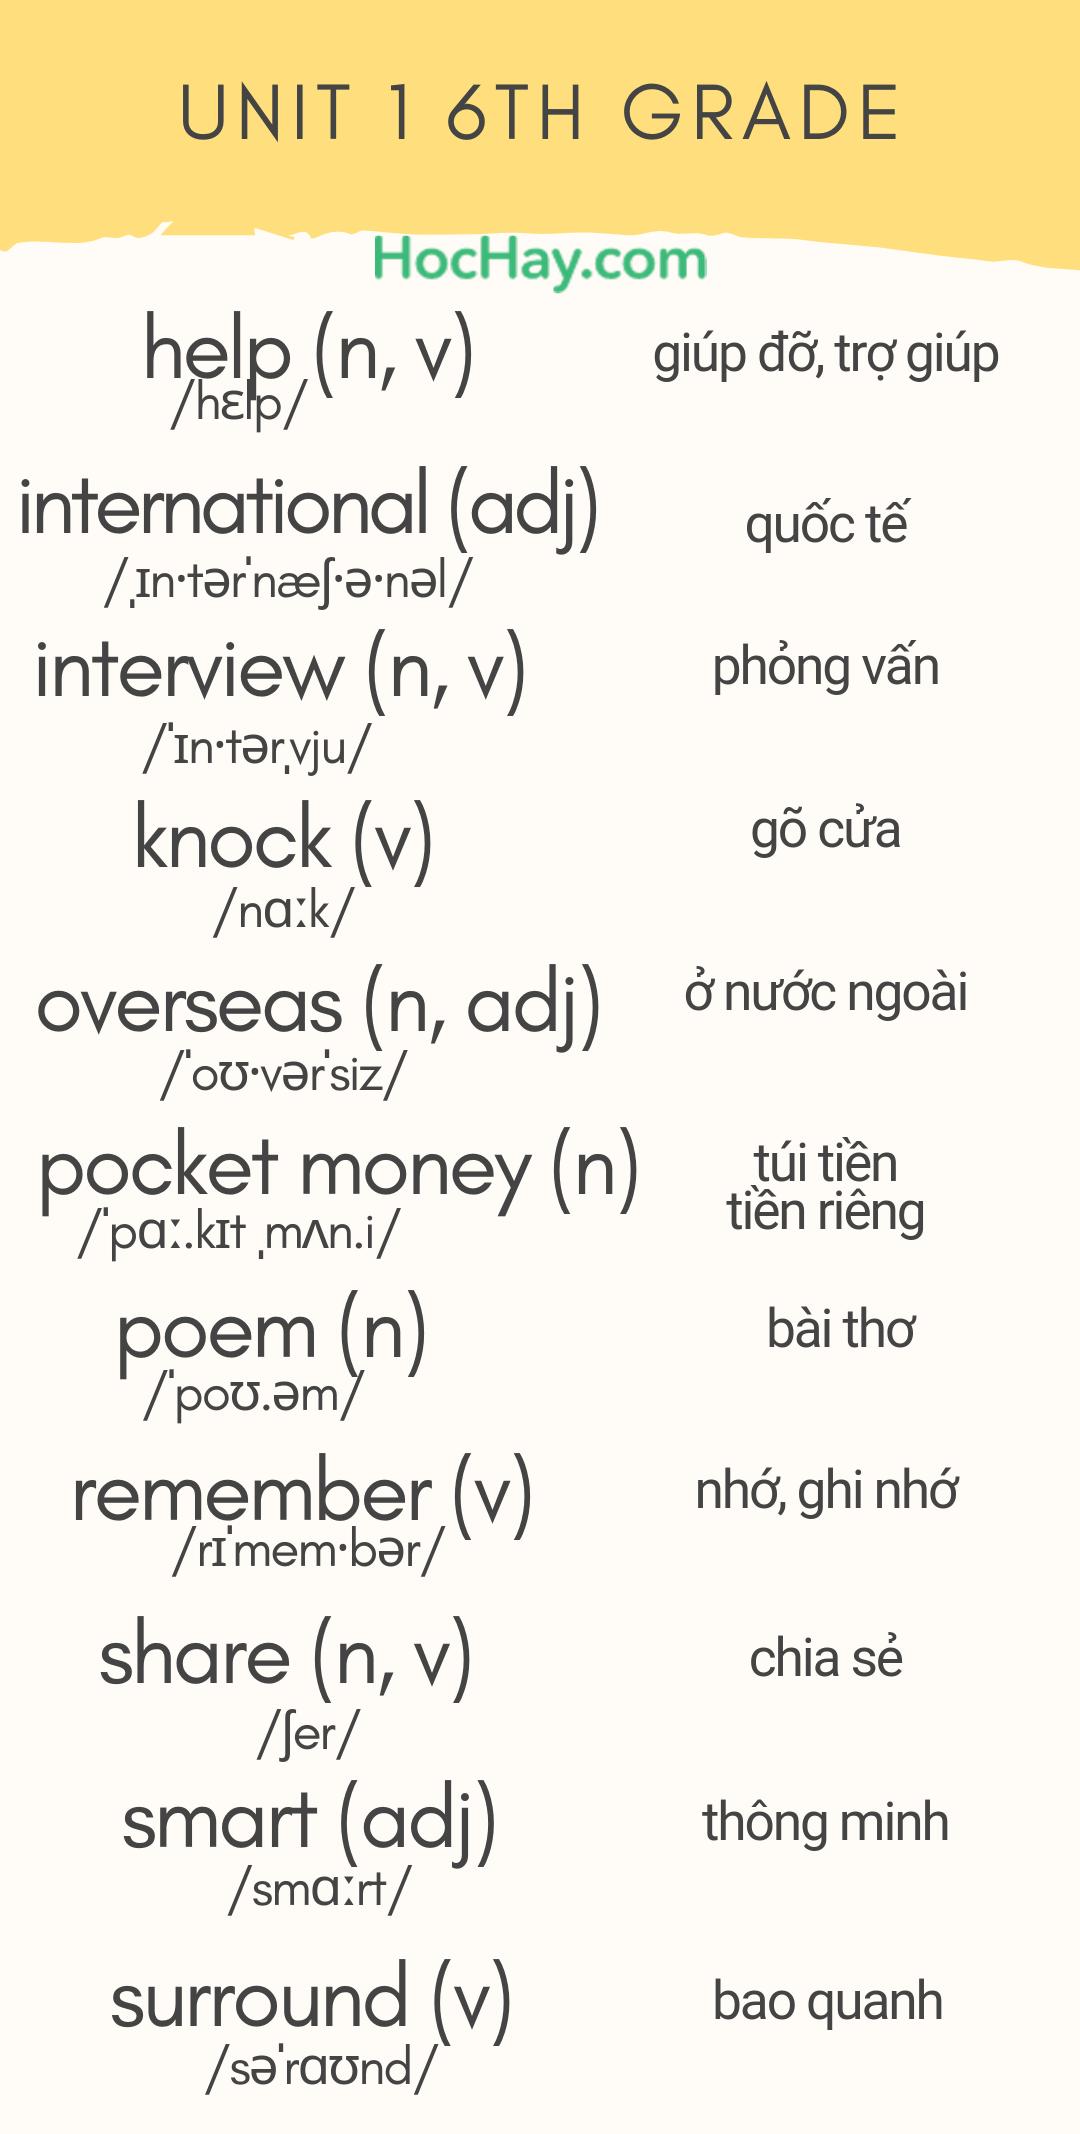 20 - 30 từ mới tiếng Anh lớp 6 Unit 1 - tải về bộ hình ảnh từ vựng tiếng Anh làm màn hình khóa - Learn English on Lockscreen